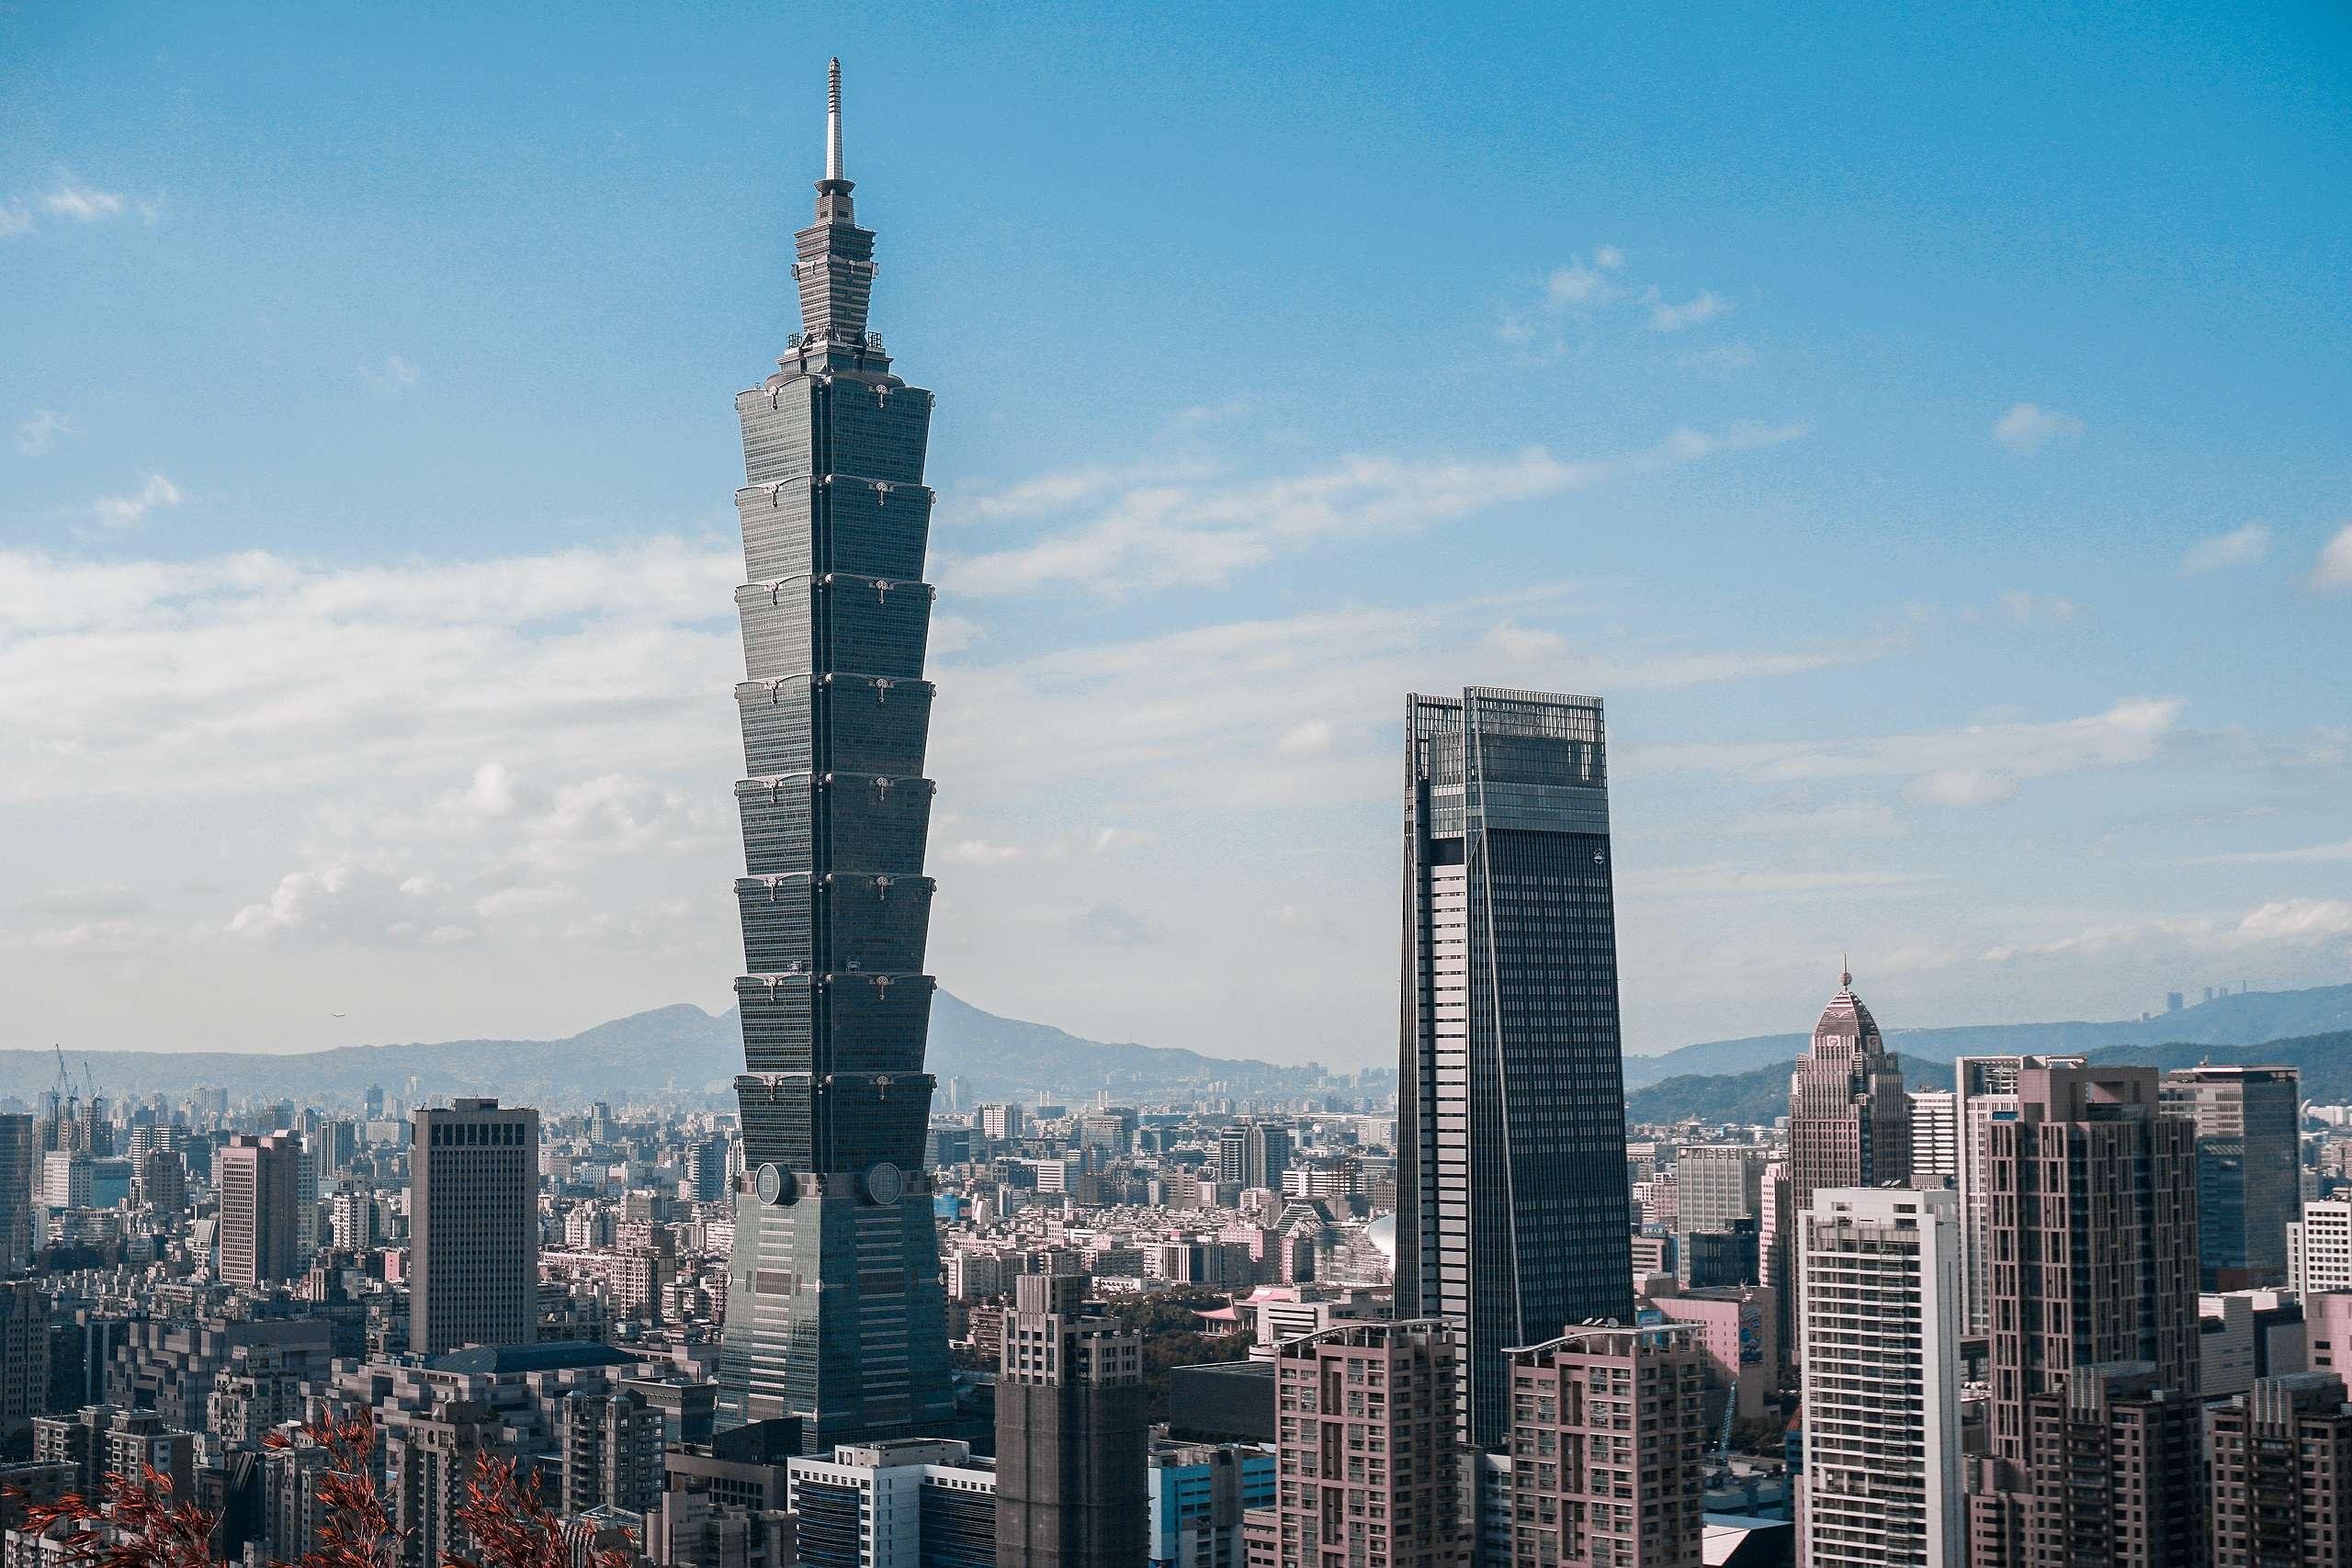 臺灣高度倚賴外貿經濟,一旦美國、歐盟、中國大陸等主要貿易對象起徵碳邊境稅,尚未建立碳定價制度的臺灣,出口競爭力將備受挑戰。